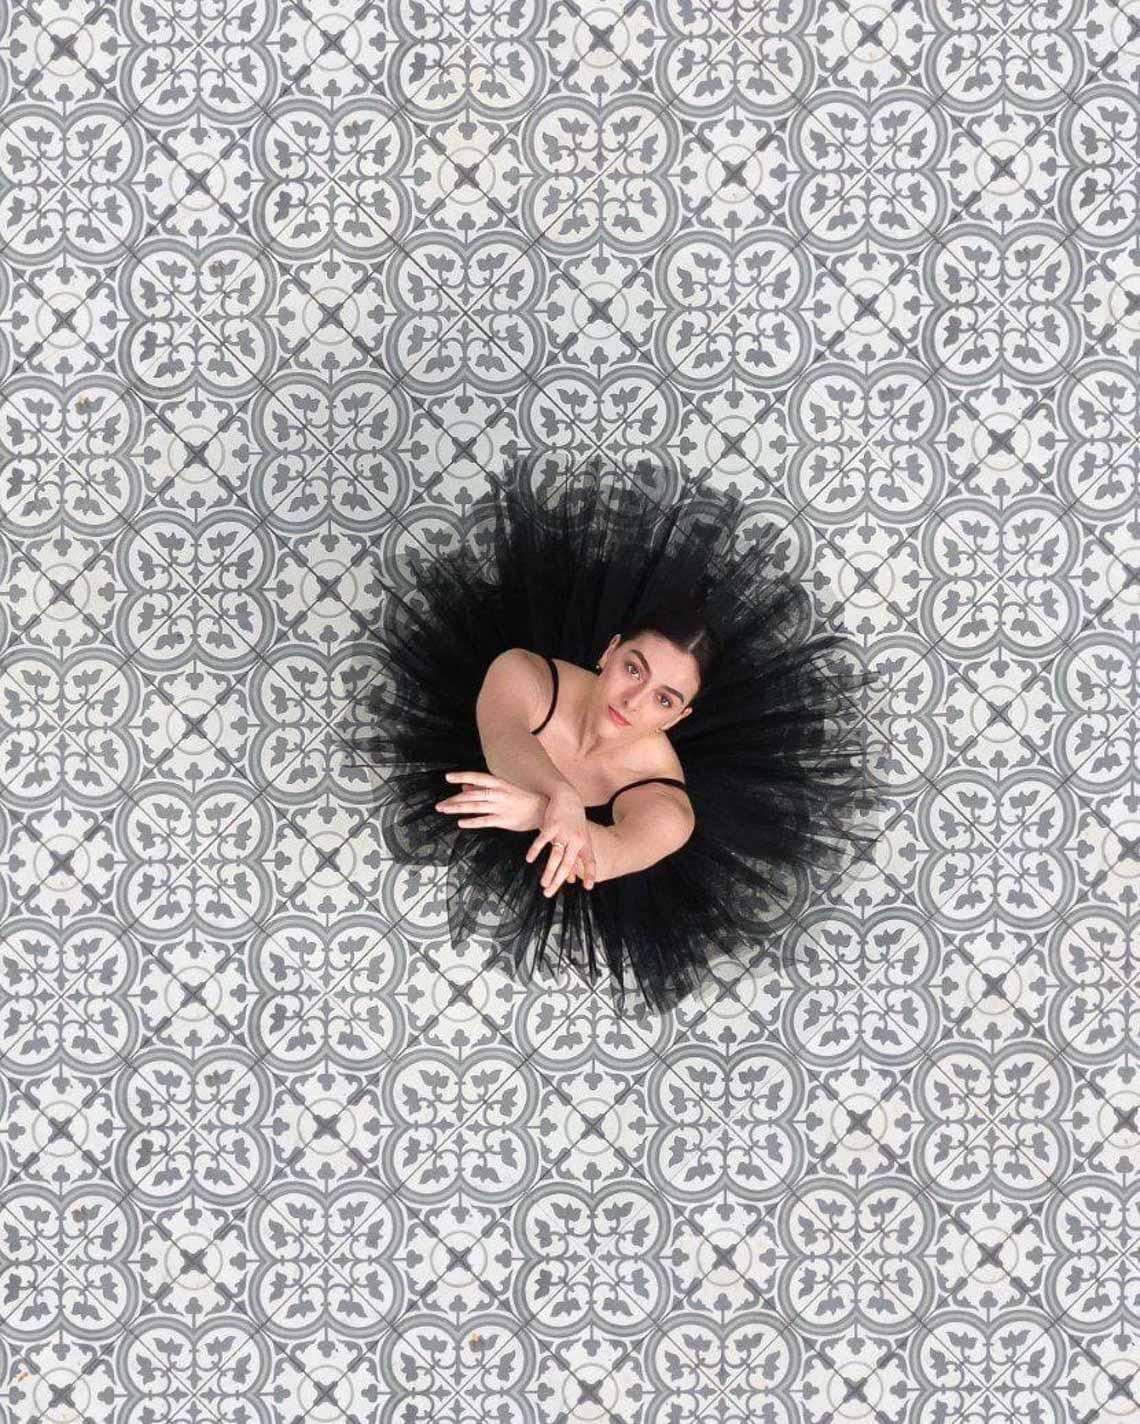 Vẻ đẹp của vũ công múa ballet qua góc chụp từ trên cao -2